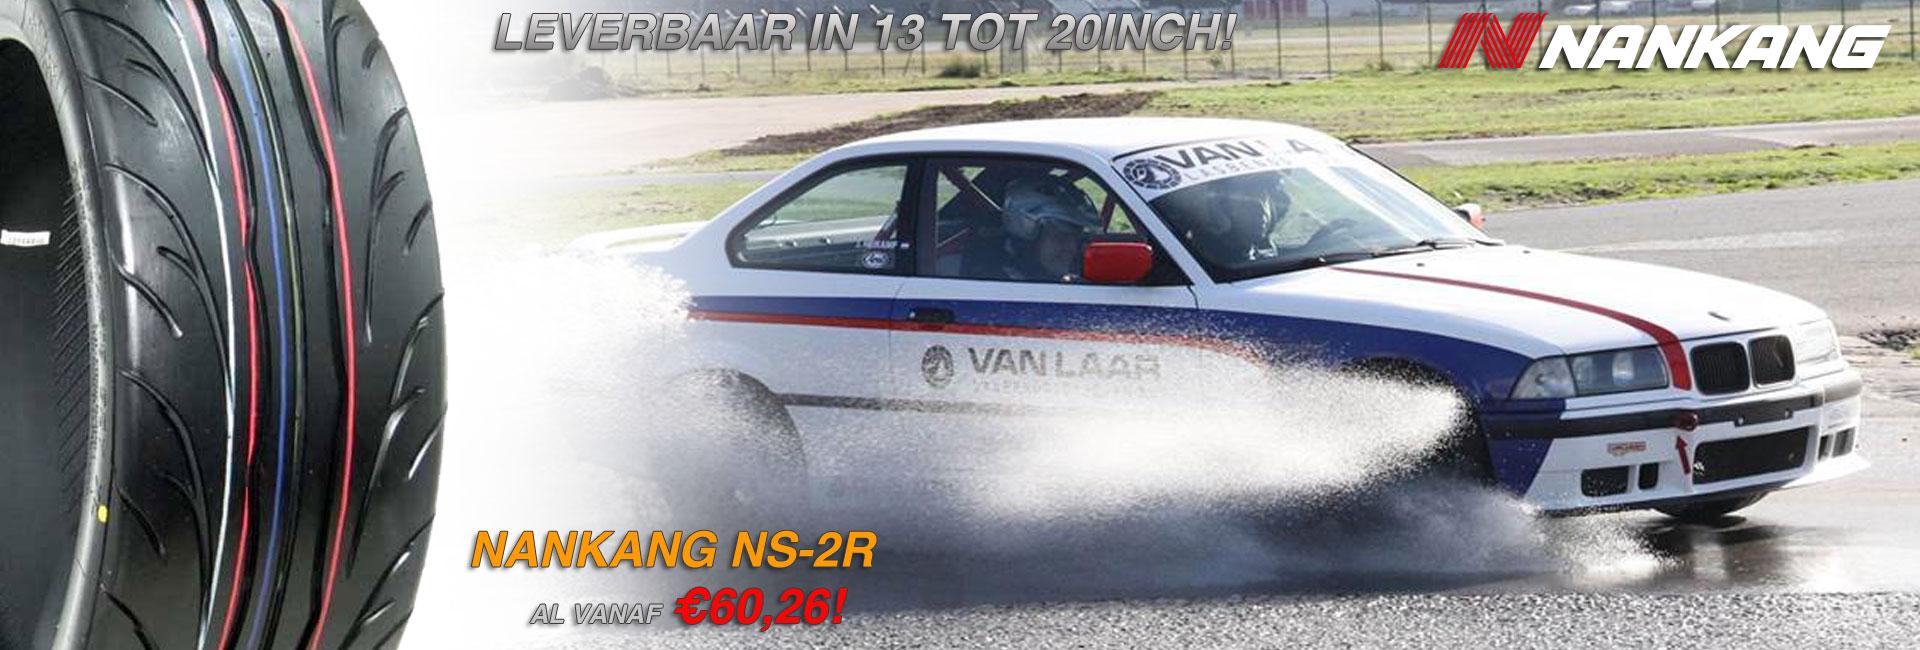 Nankang Semi Slicks zijn leverbaar via Rallybanden.nl